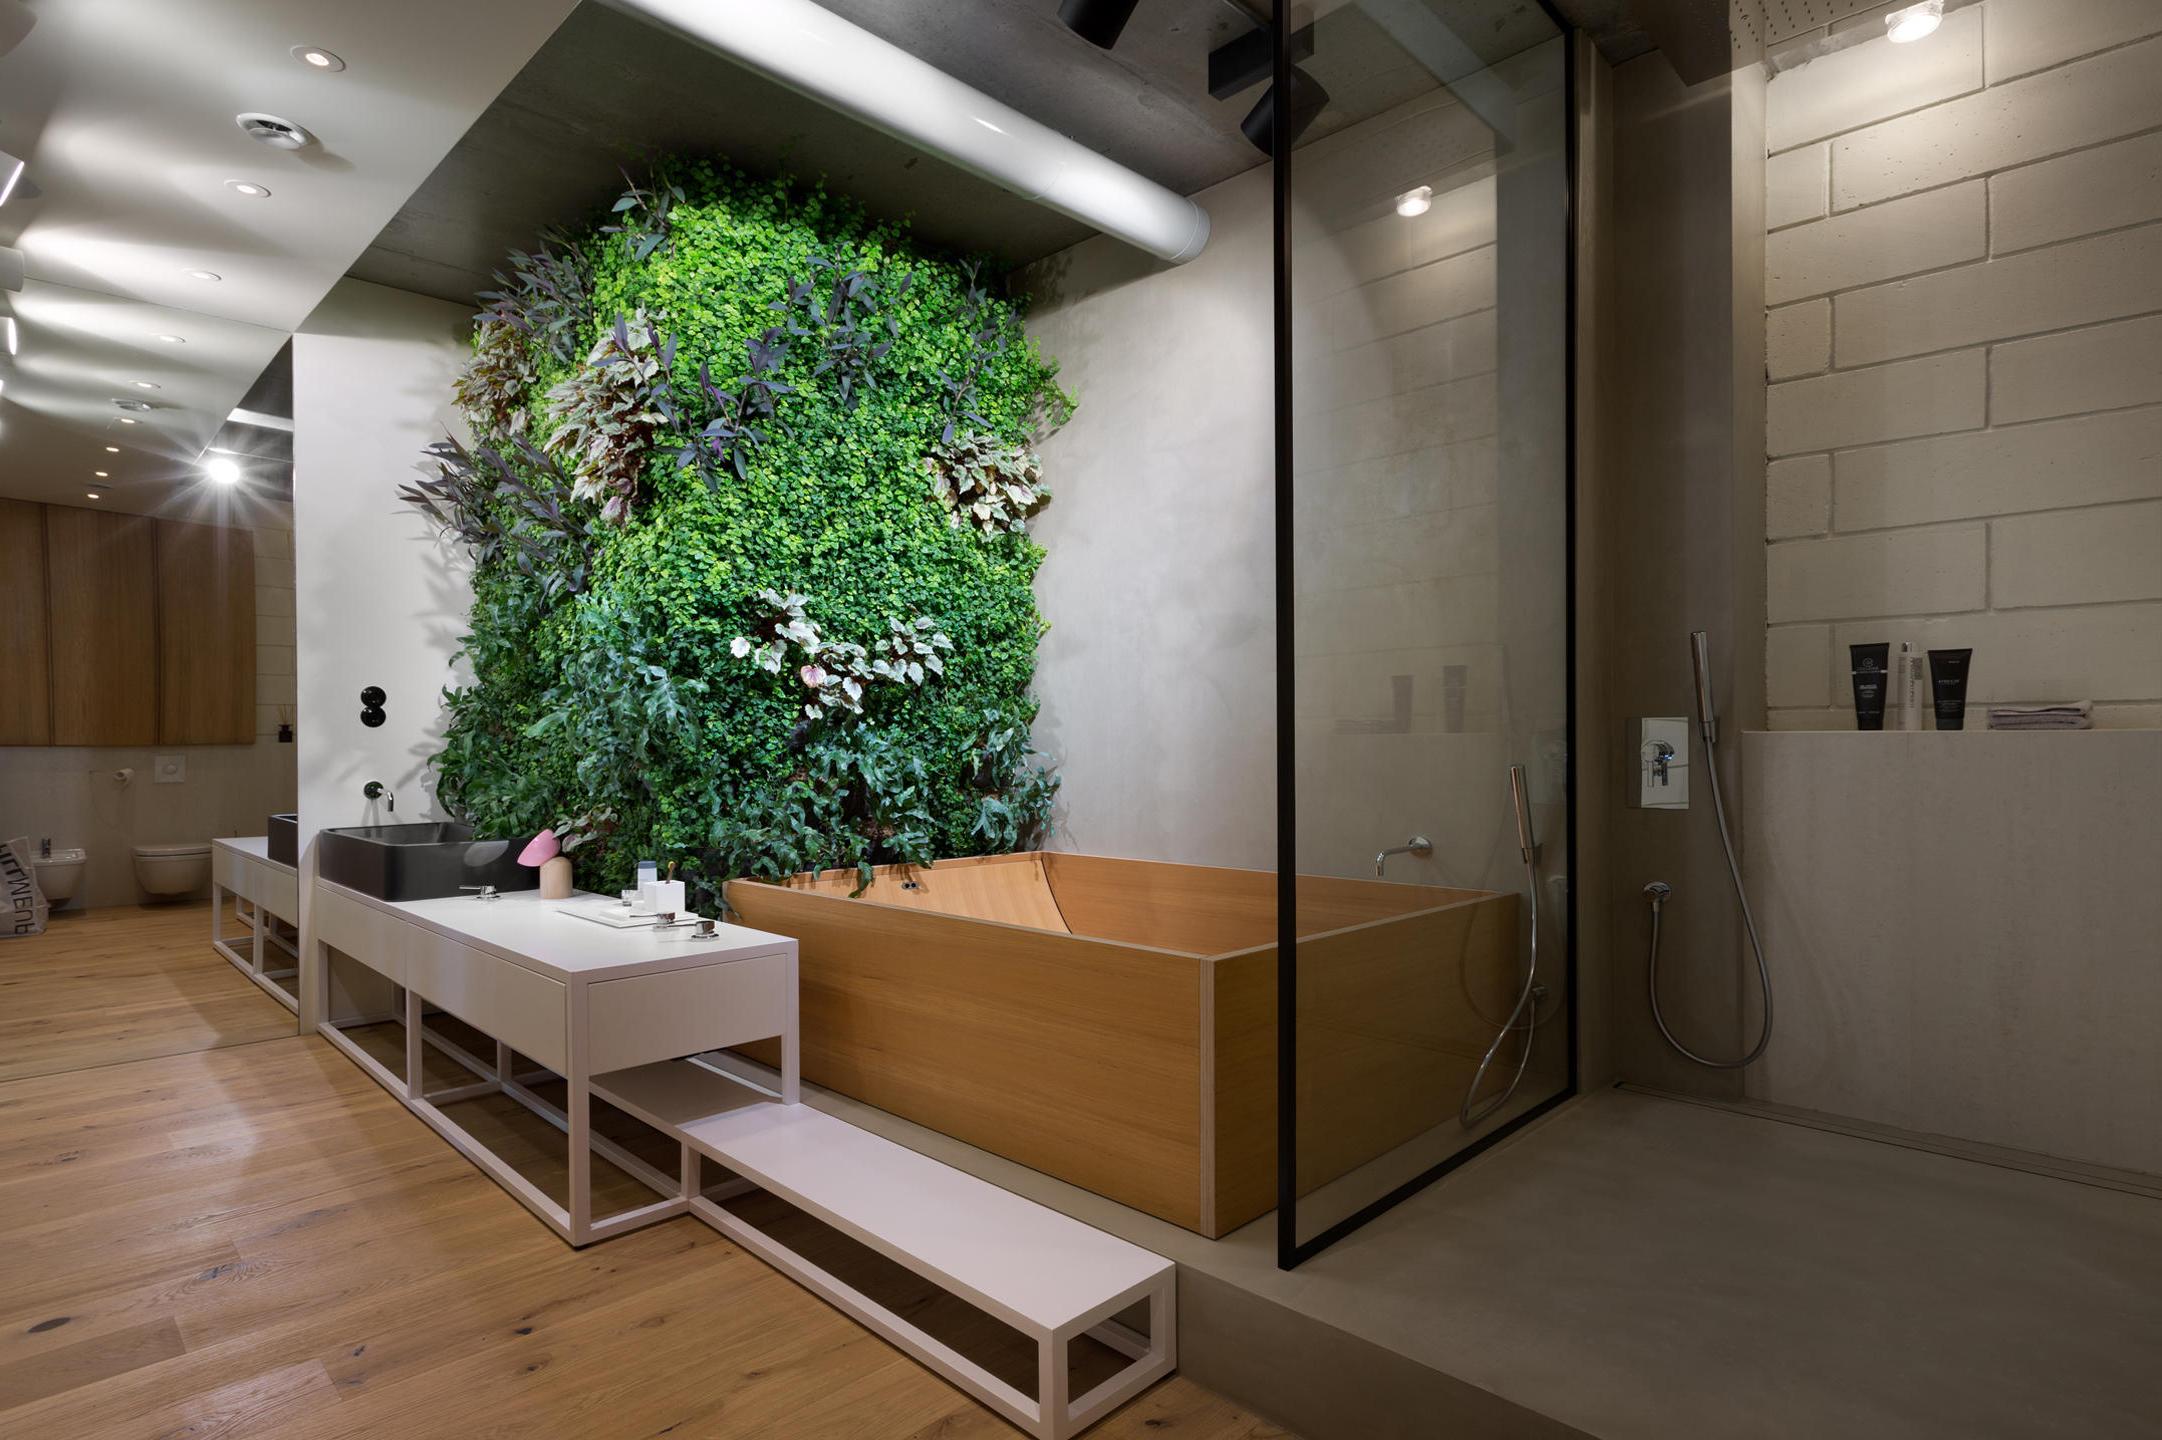 Handige Indeling Badkamer : Bijzondere loft badkamer homease